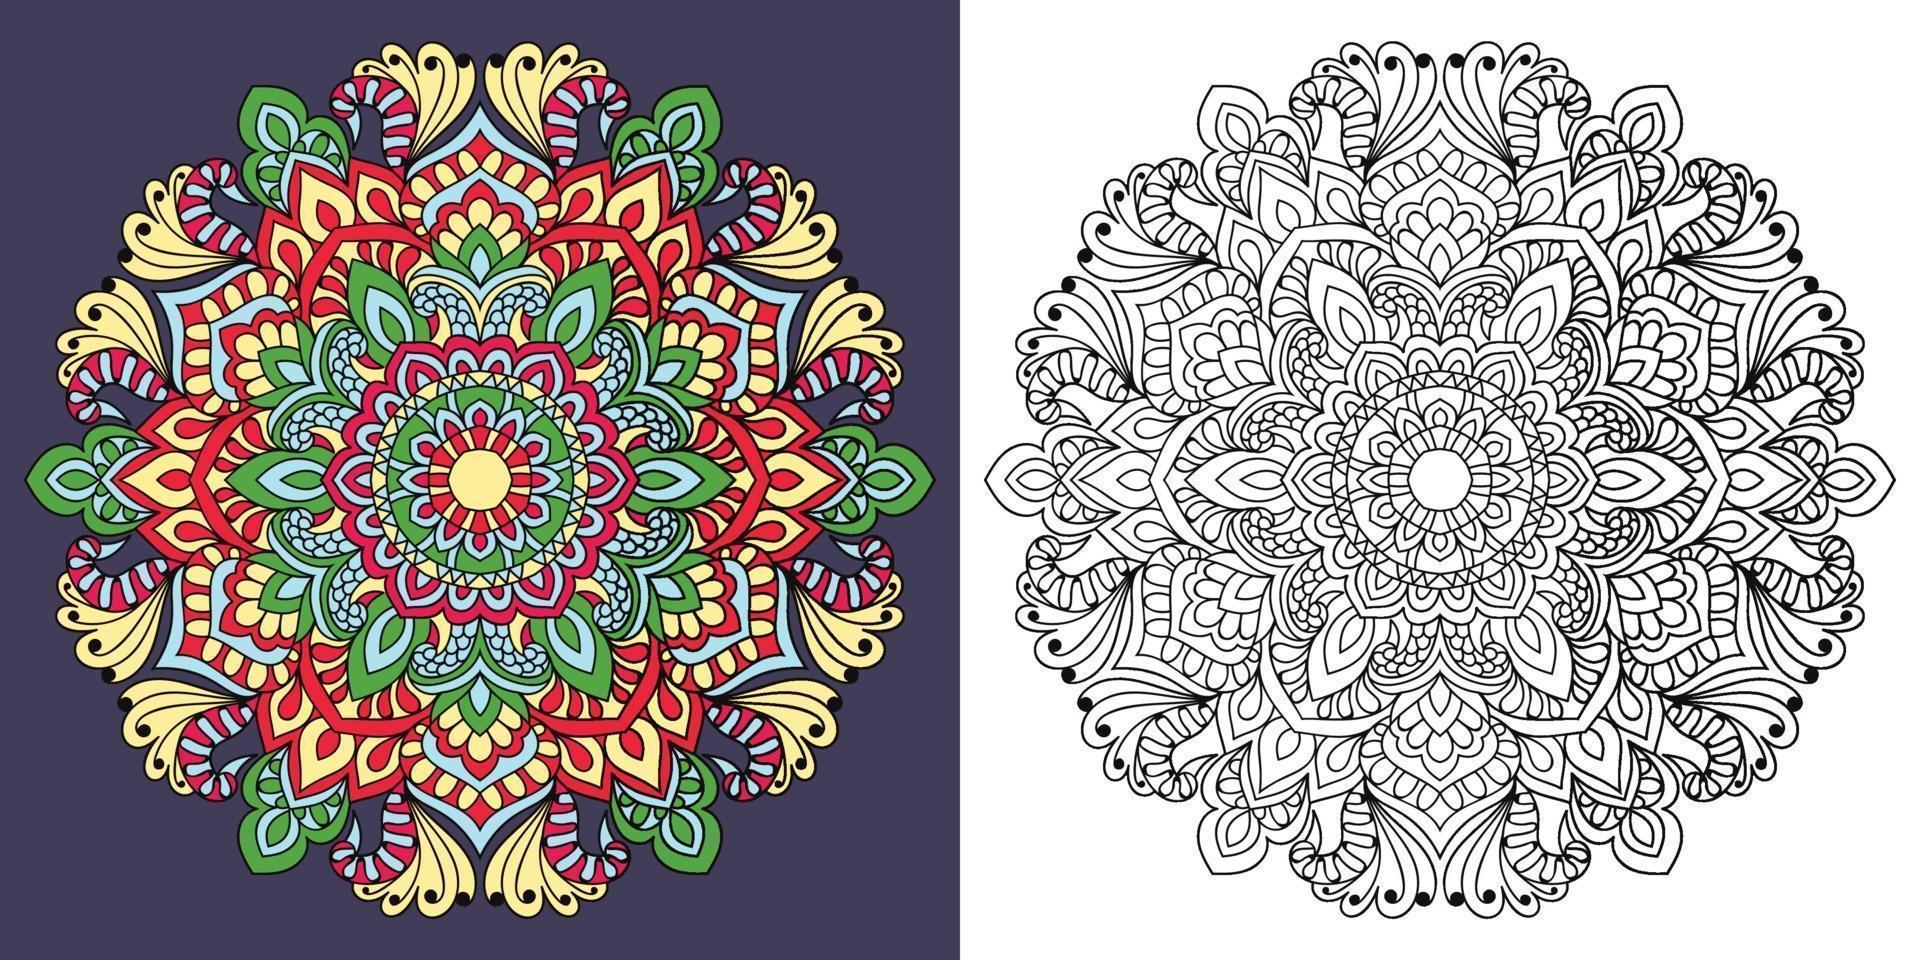 Doodle Mandala Malbuch Seite für Erwachsene und Kinder. weiß und schwarz rund dekorativ. orientalische Anti-Stress-Therapiemuster. abstraktes Zen-Gewirr. Yoga Meditation Vektor-Illustration. vektor